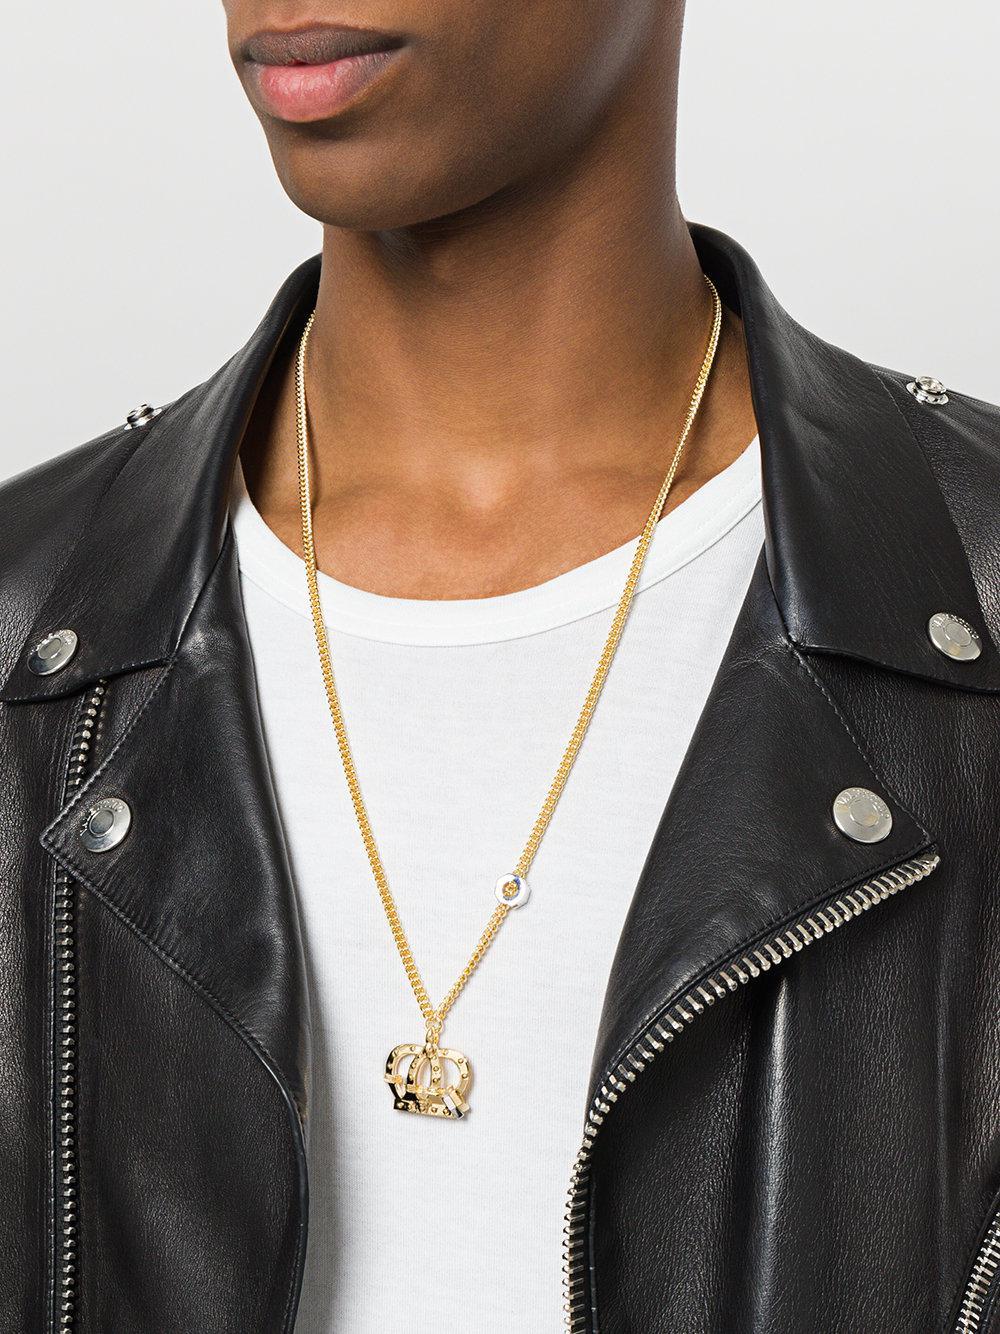 Versace Crown Pendant Necklace in Metallic for Men